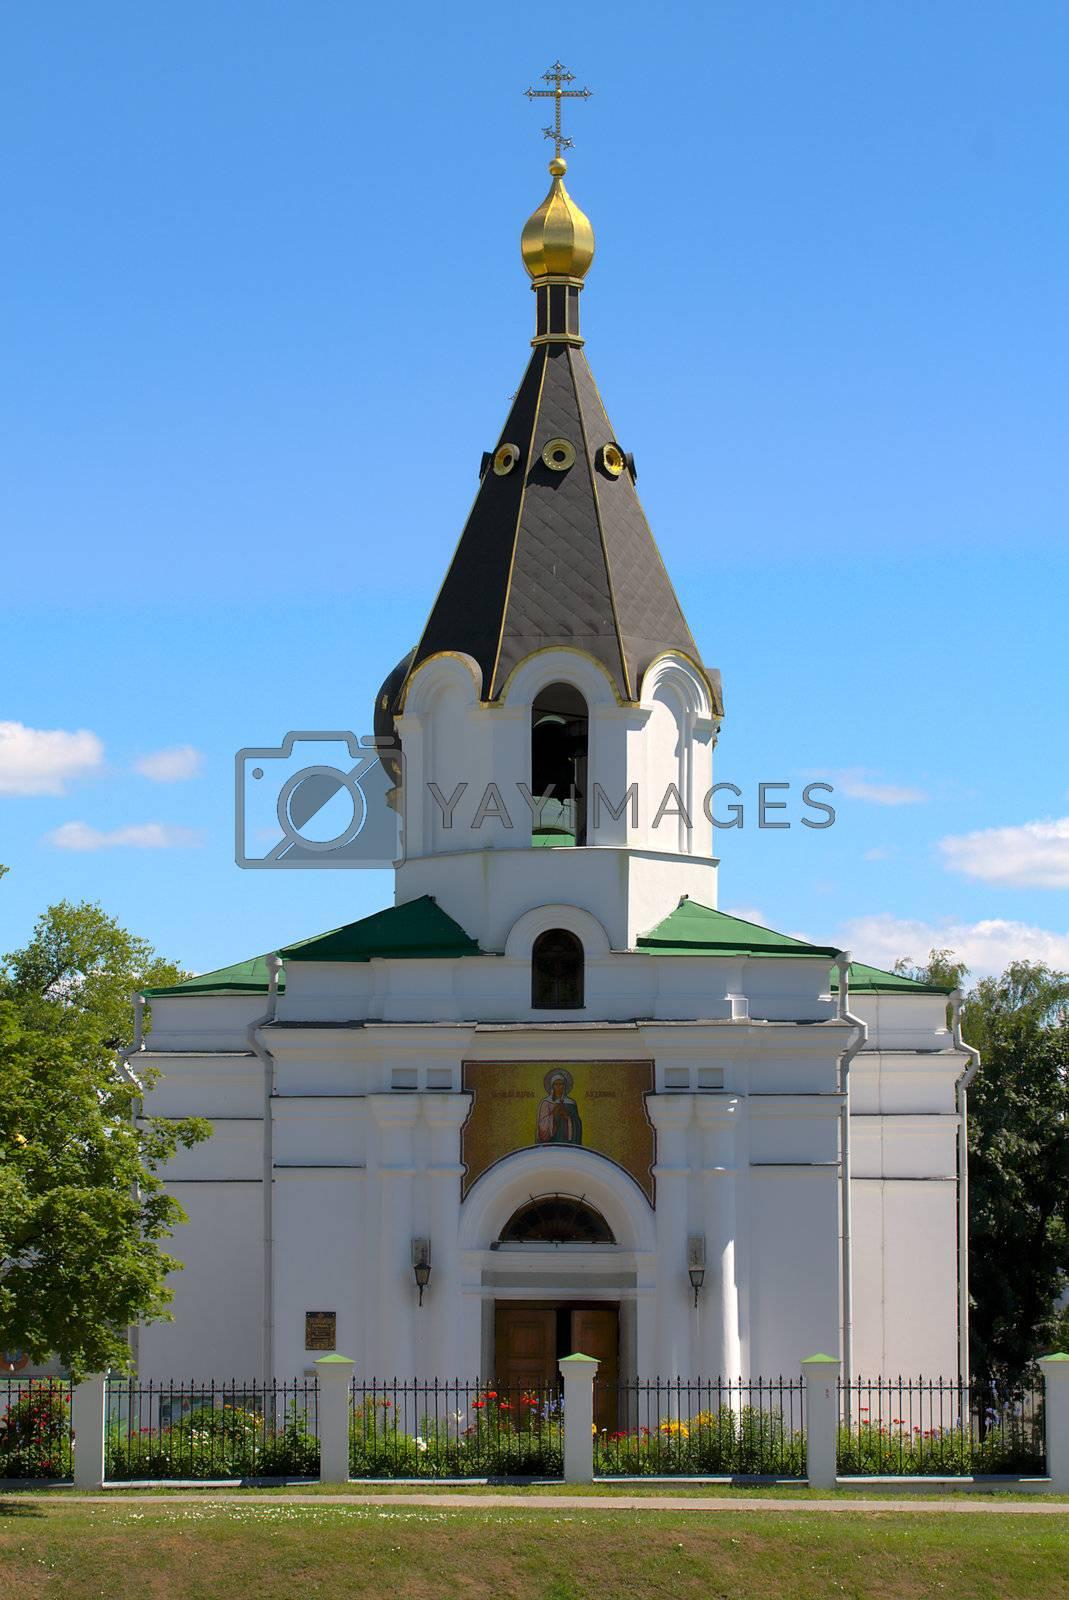 saint Maria-Magdalina church by Alekcey